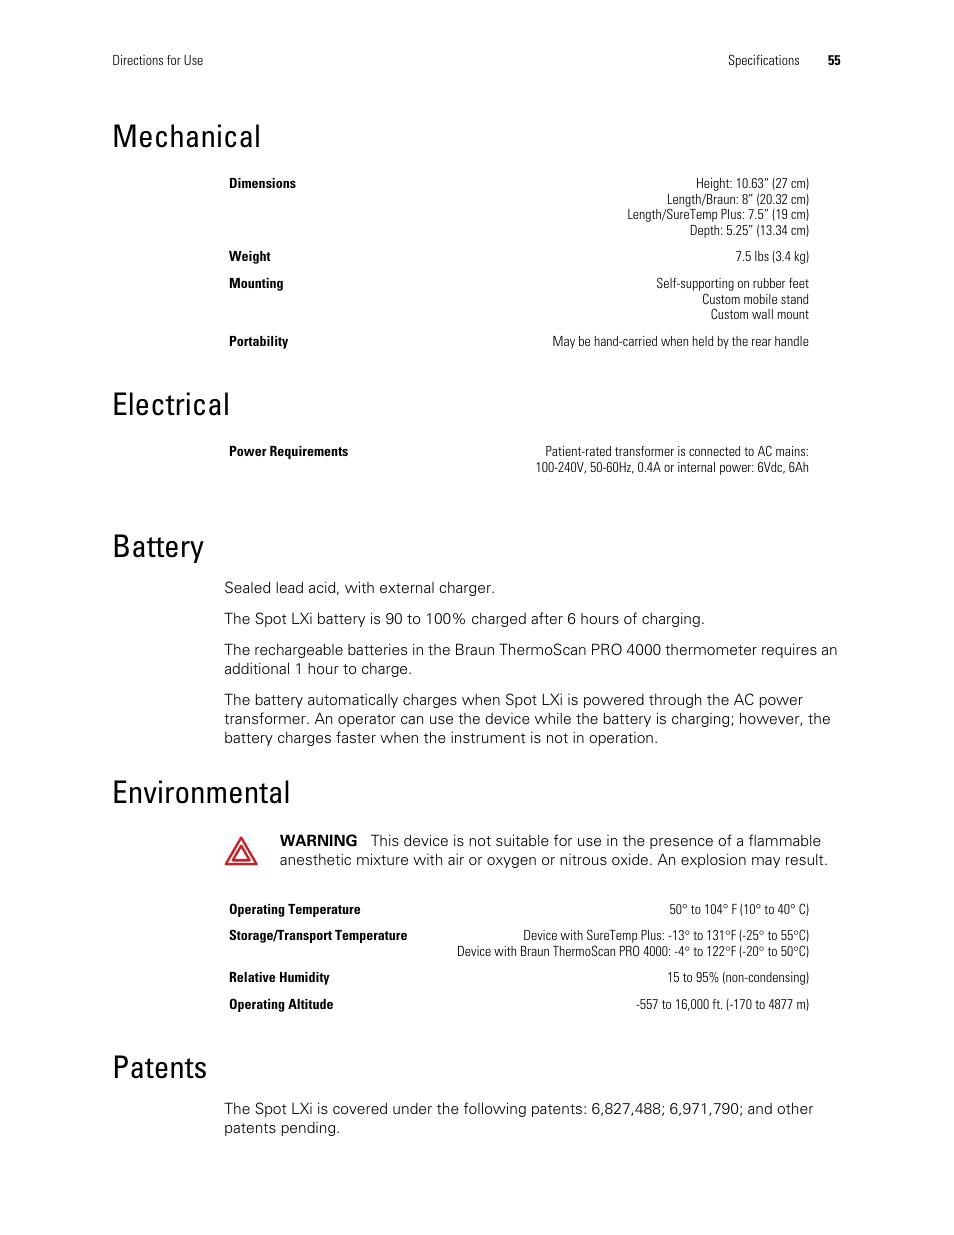 Welch allyn vital signs manual